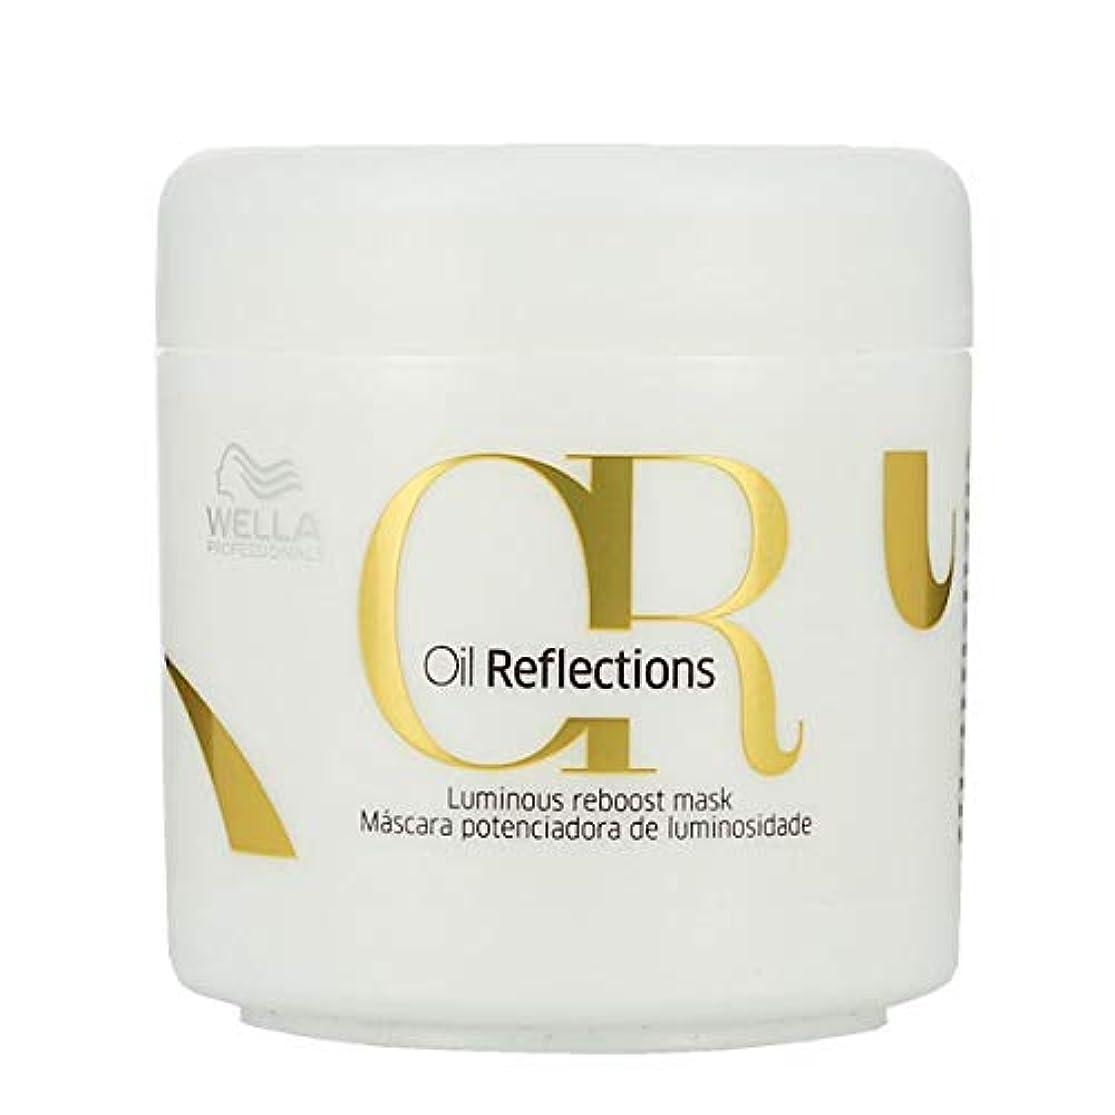 自動的にシャーロットブロンテ同等のWella Professionals Oil Reflections Luminous Reboost Mask ウエラ オイルリフレクション マスク 150 ml [並行輸入品]